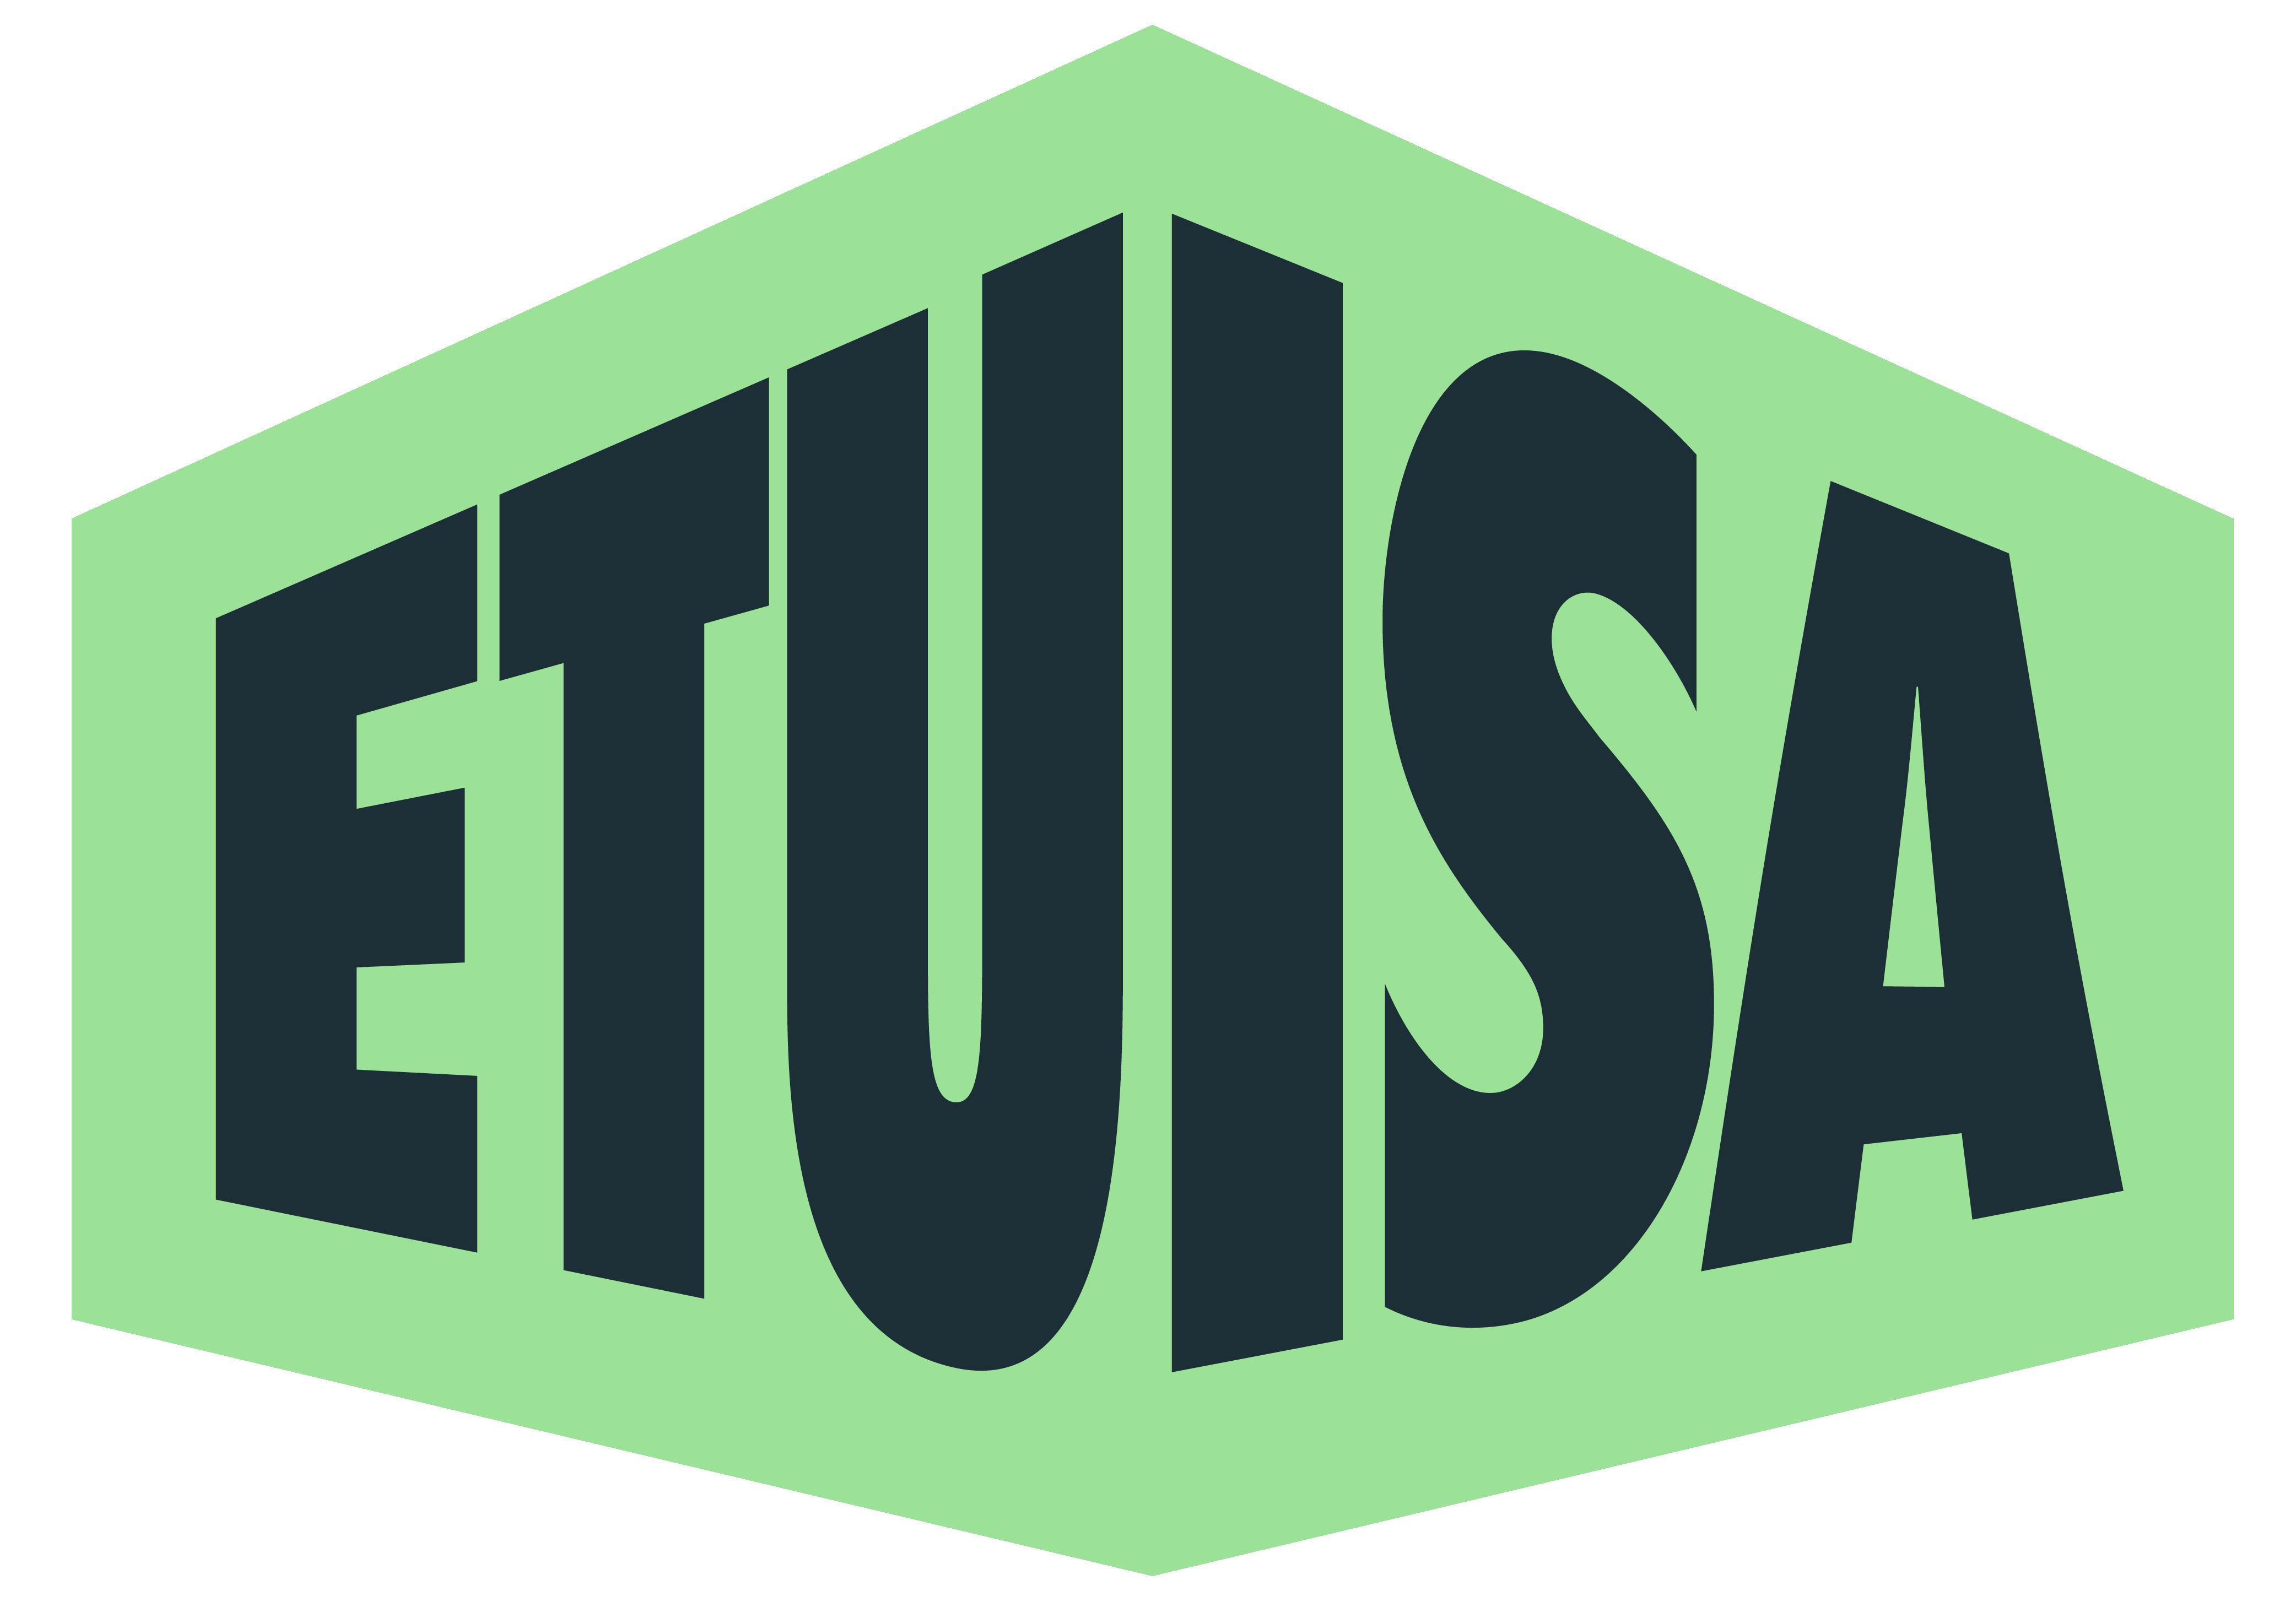 logo Etuisa